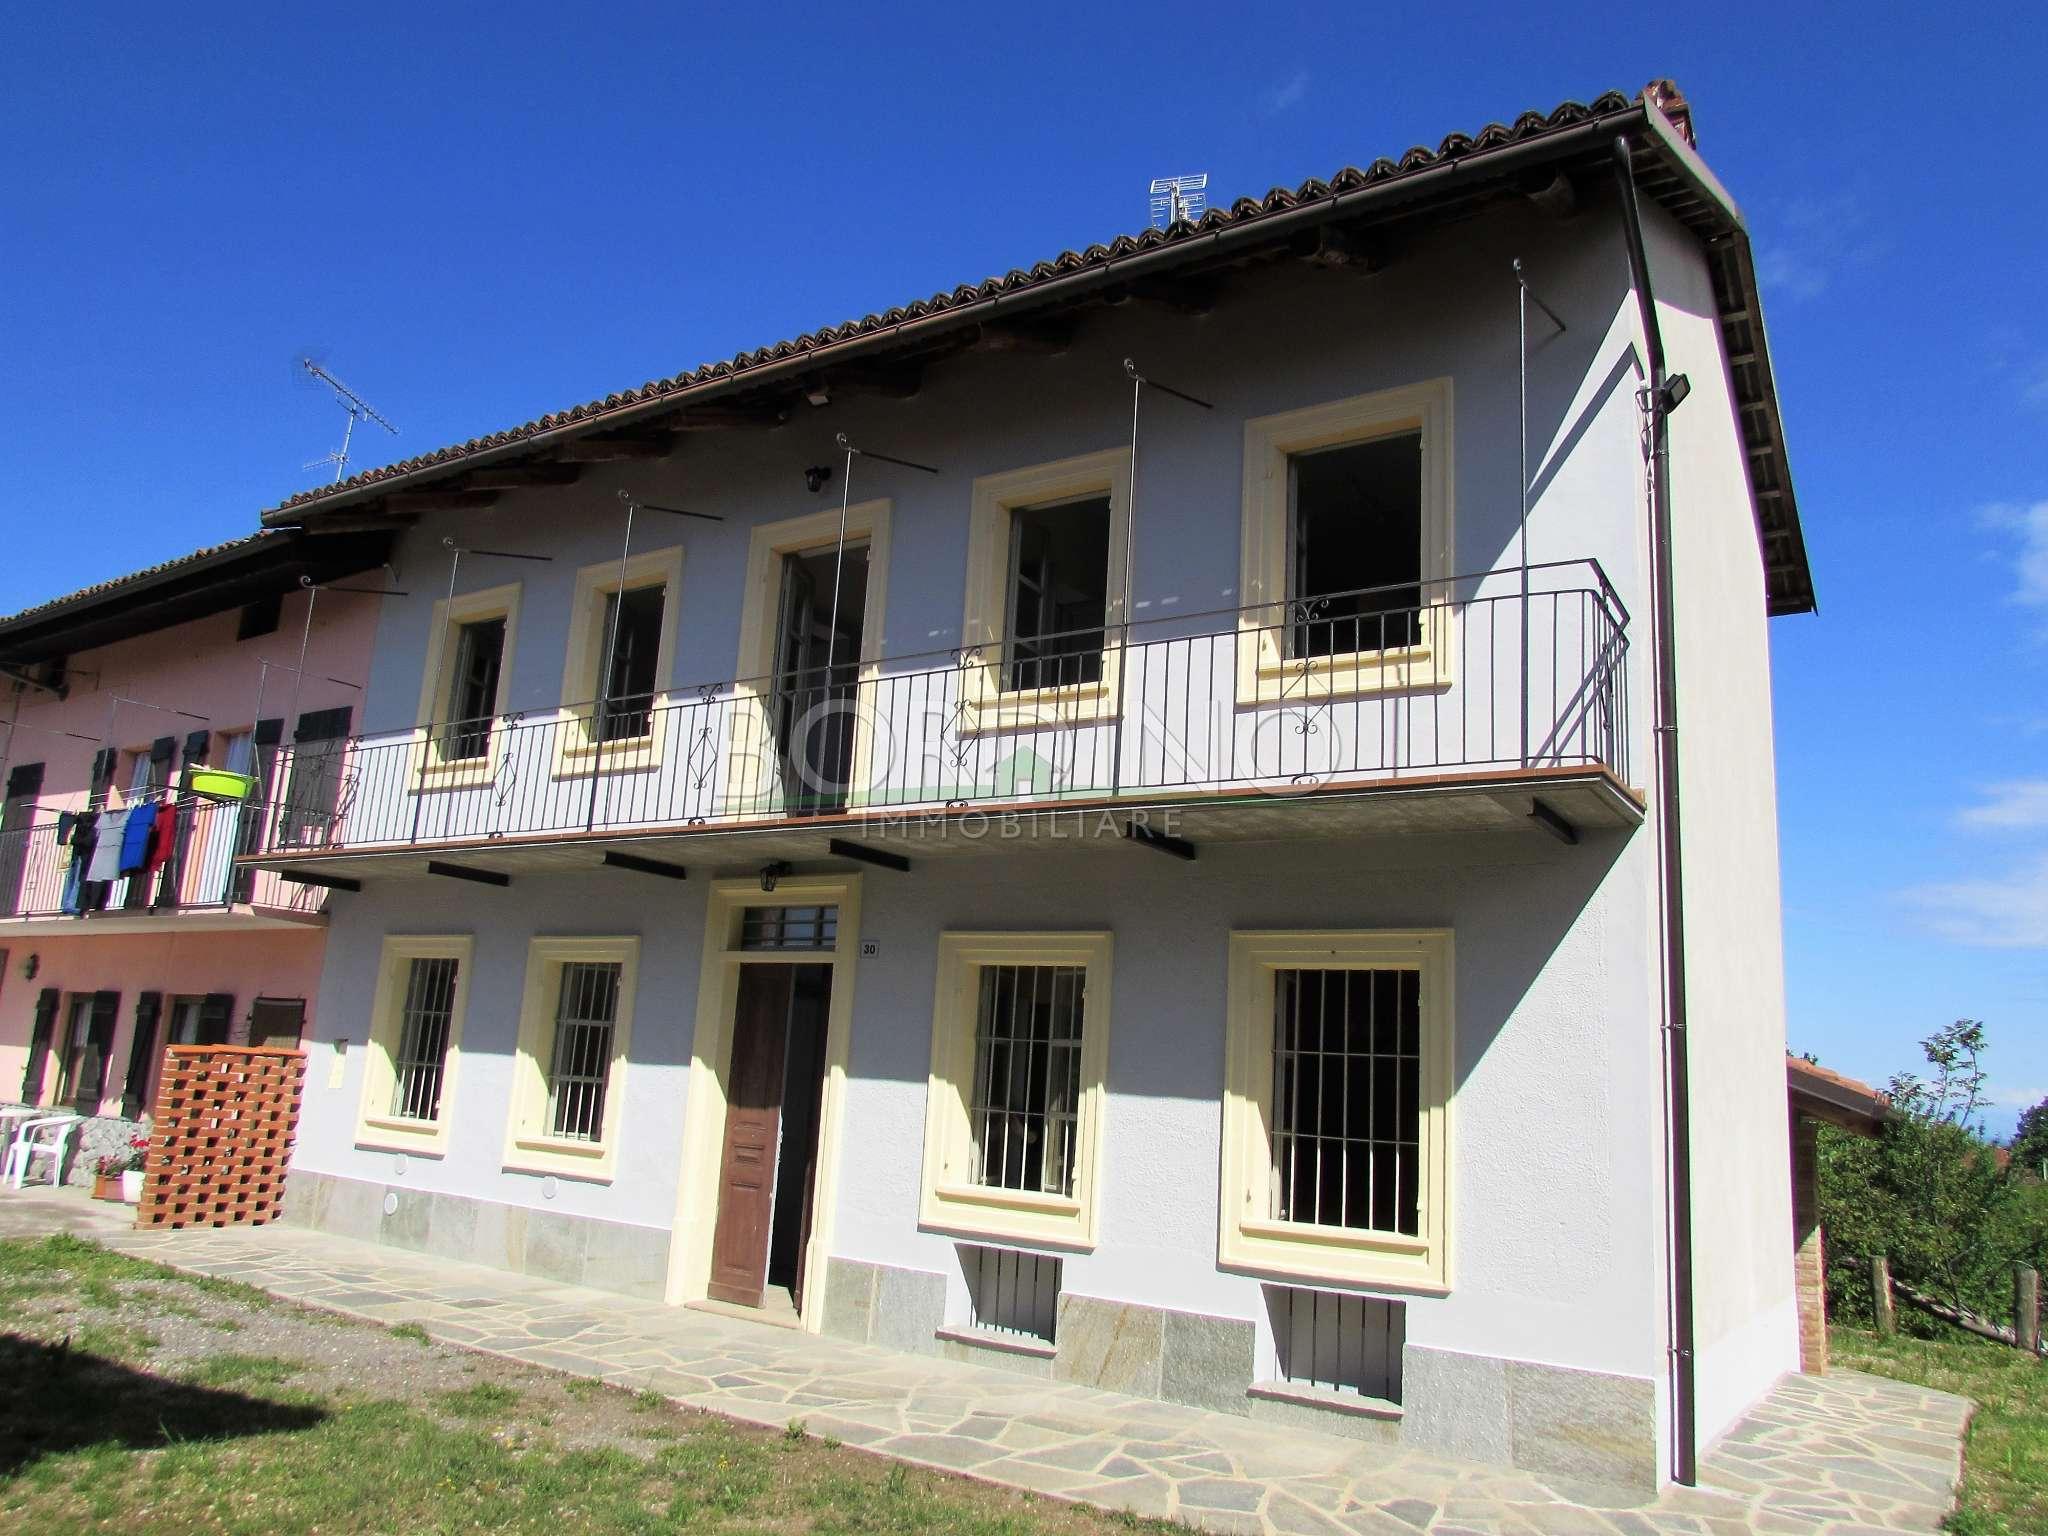 Soluzione Indipendente in vendita a Santo Stefano Roero, 4 locali, prezzo € 185.000 | PortaleAgenzieImmobiliari.it